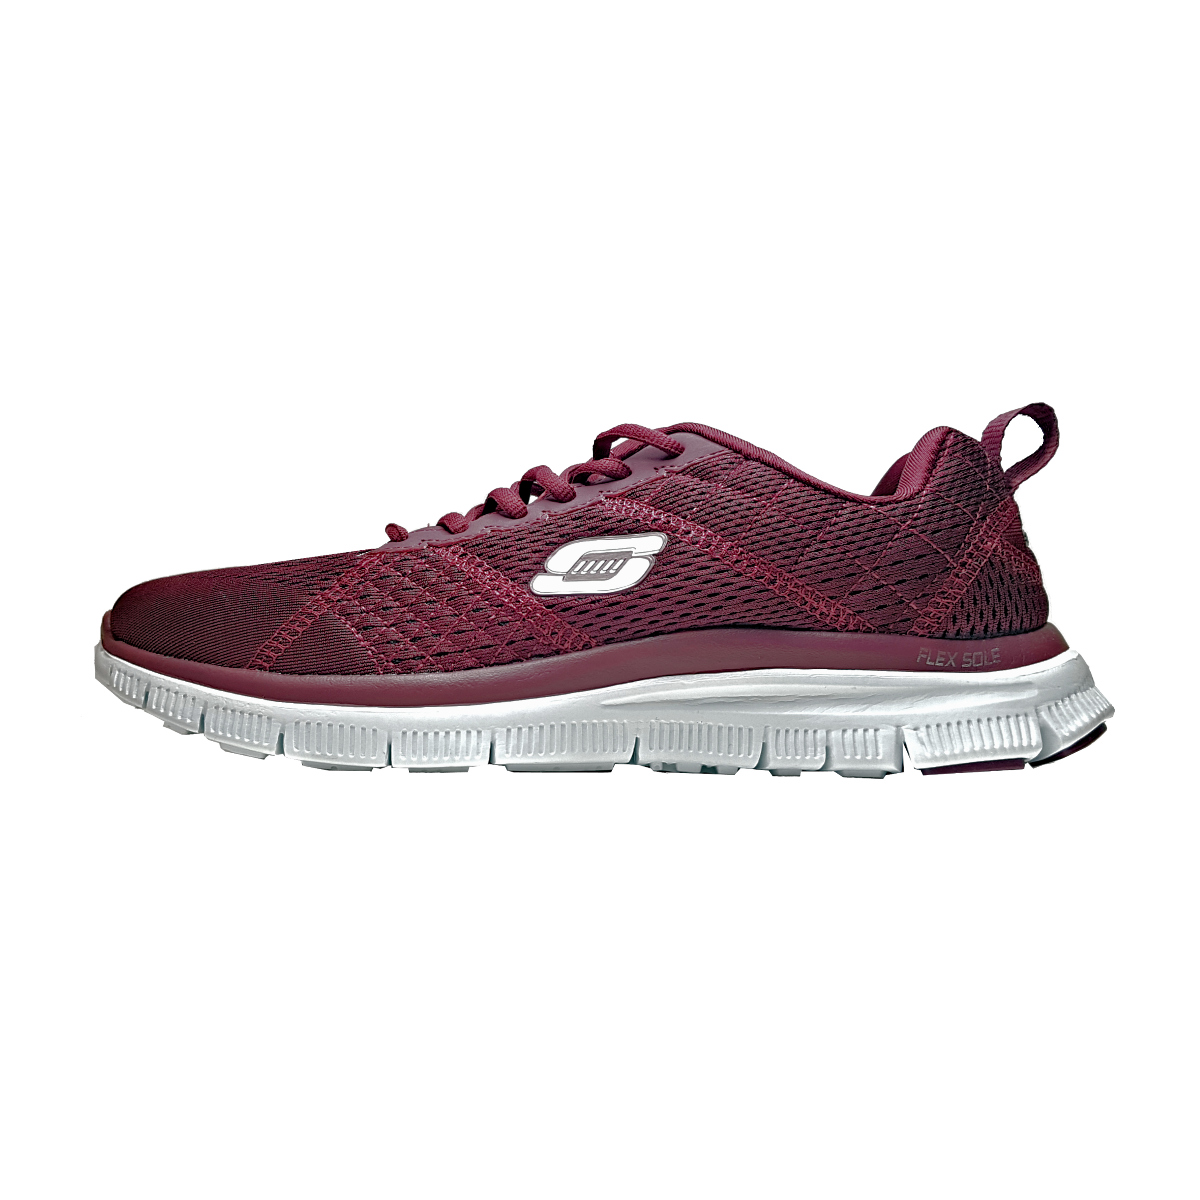 فروش                     کفش مخصوص پیاده روی مردانه اسکچرز مدل Flex Appeal Flex Glance